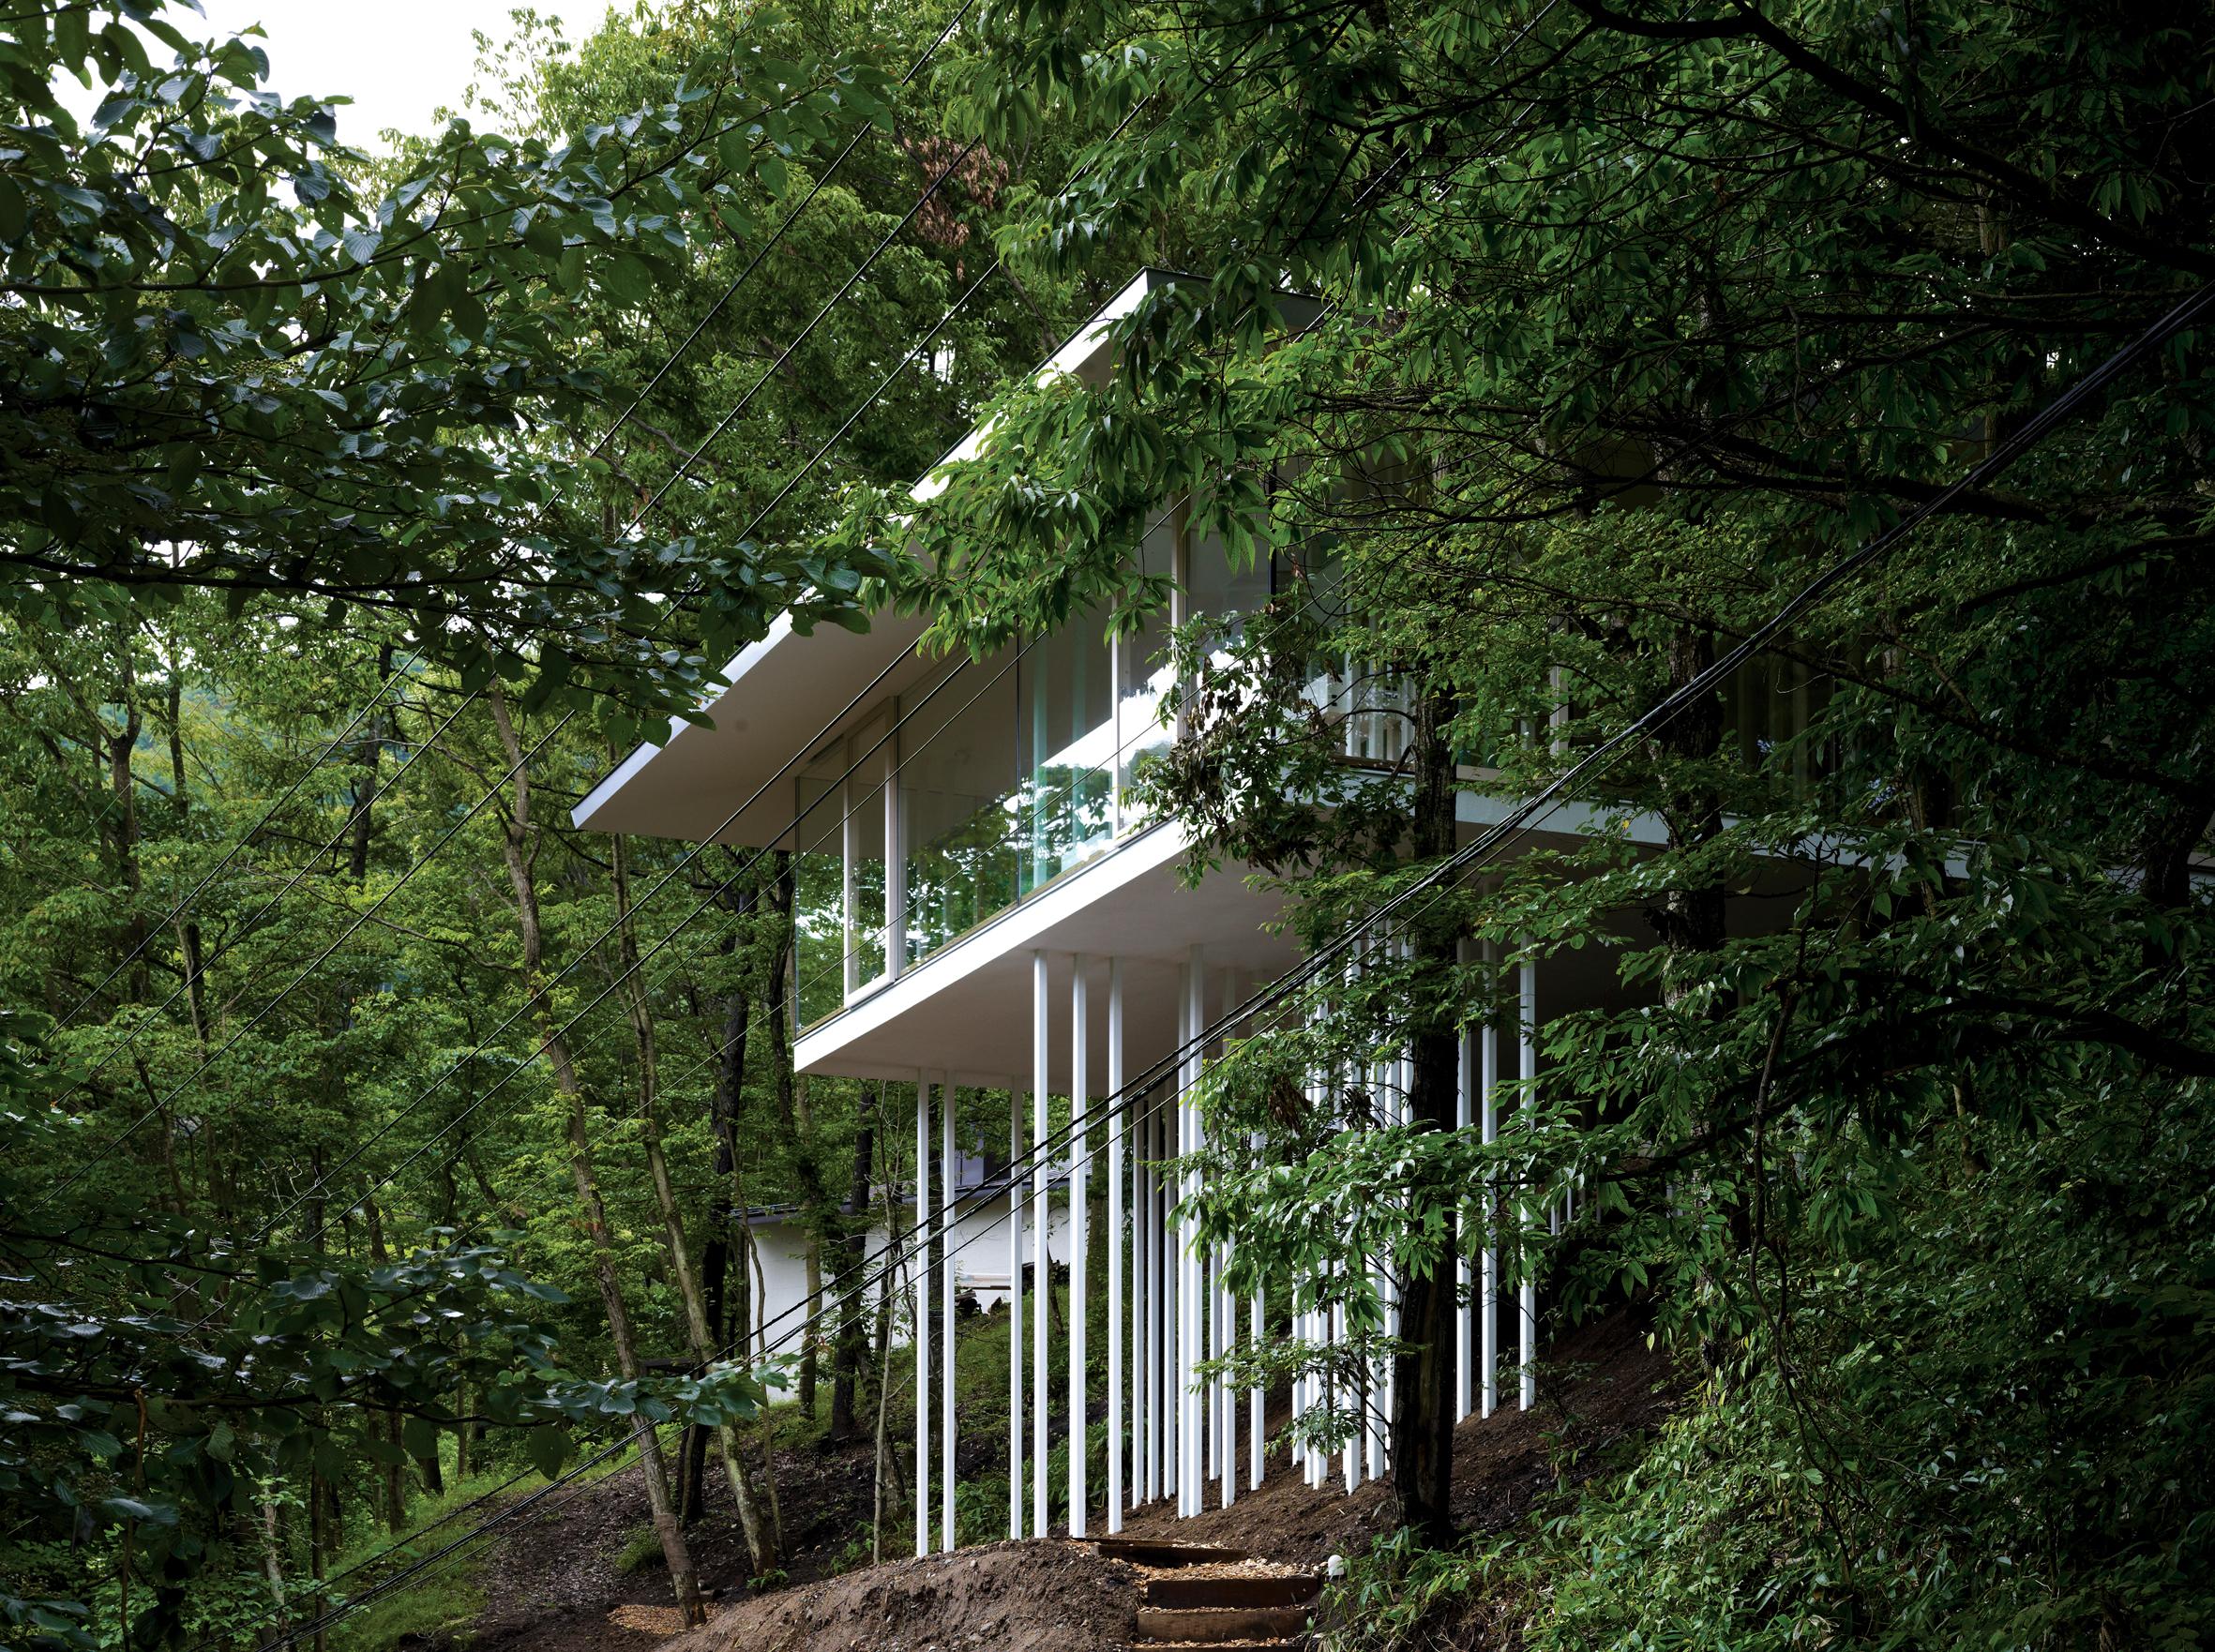 Square House By Tna Karuizawa Nagano Japan Architectural Review